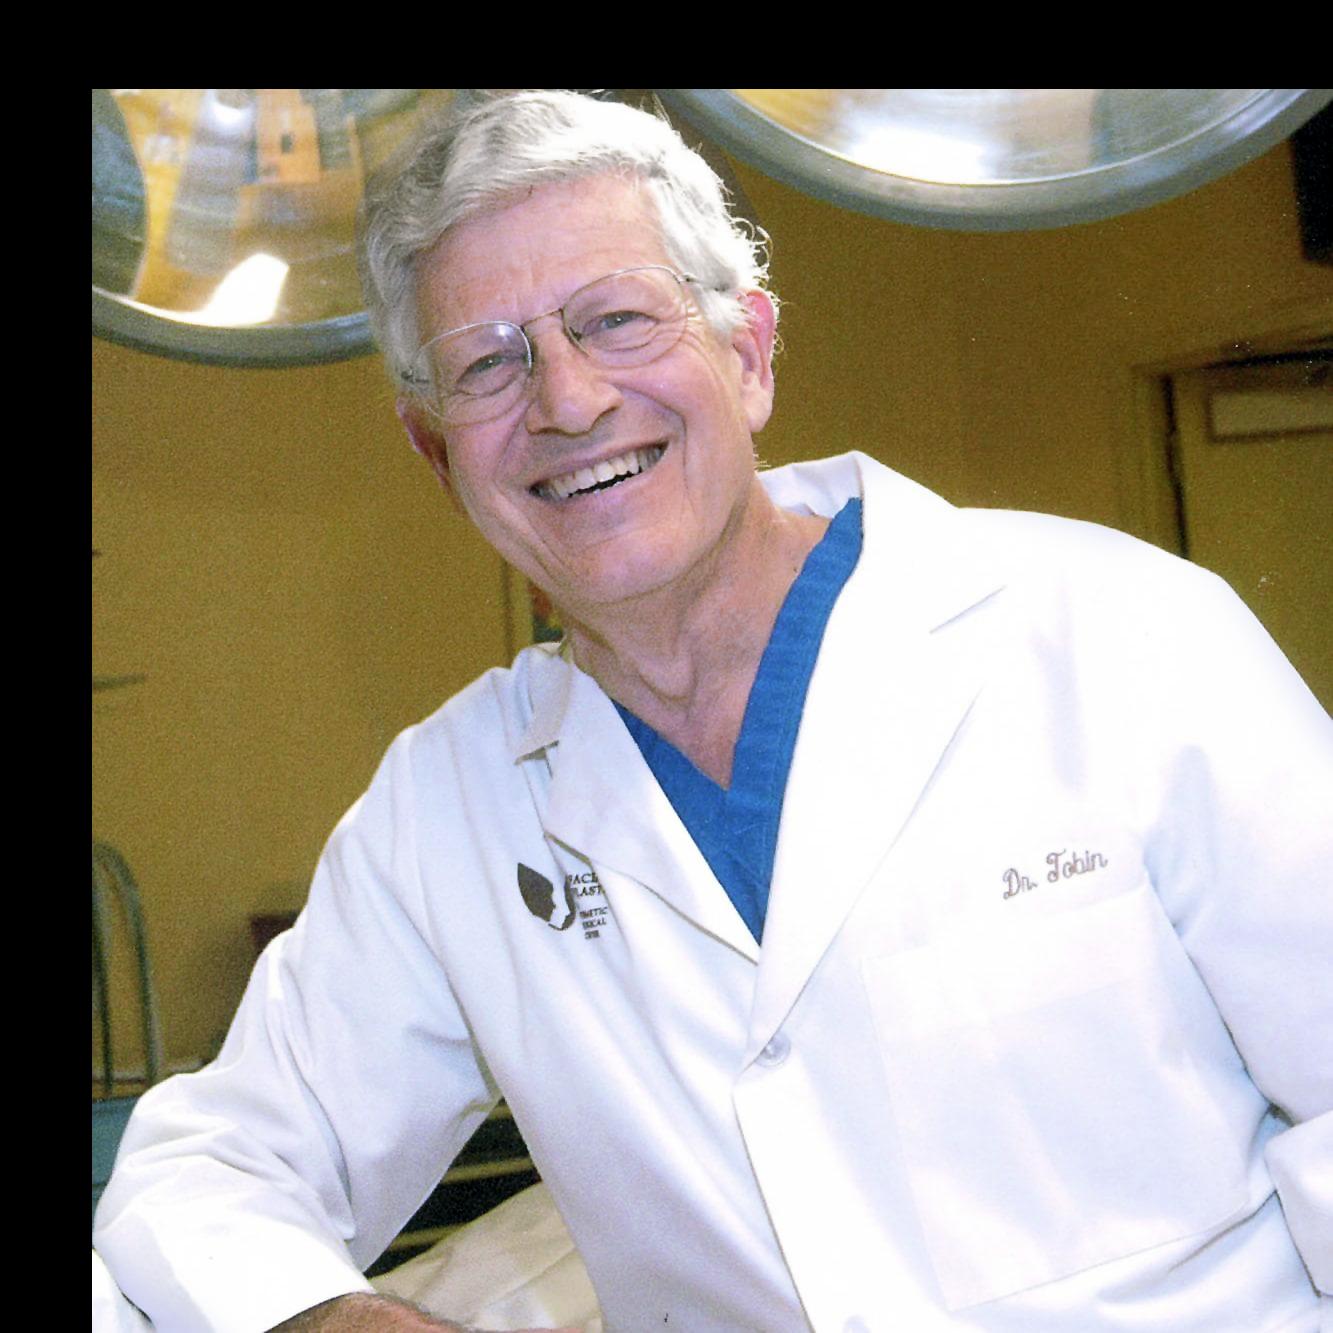 Dr. Tobin